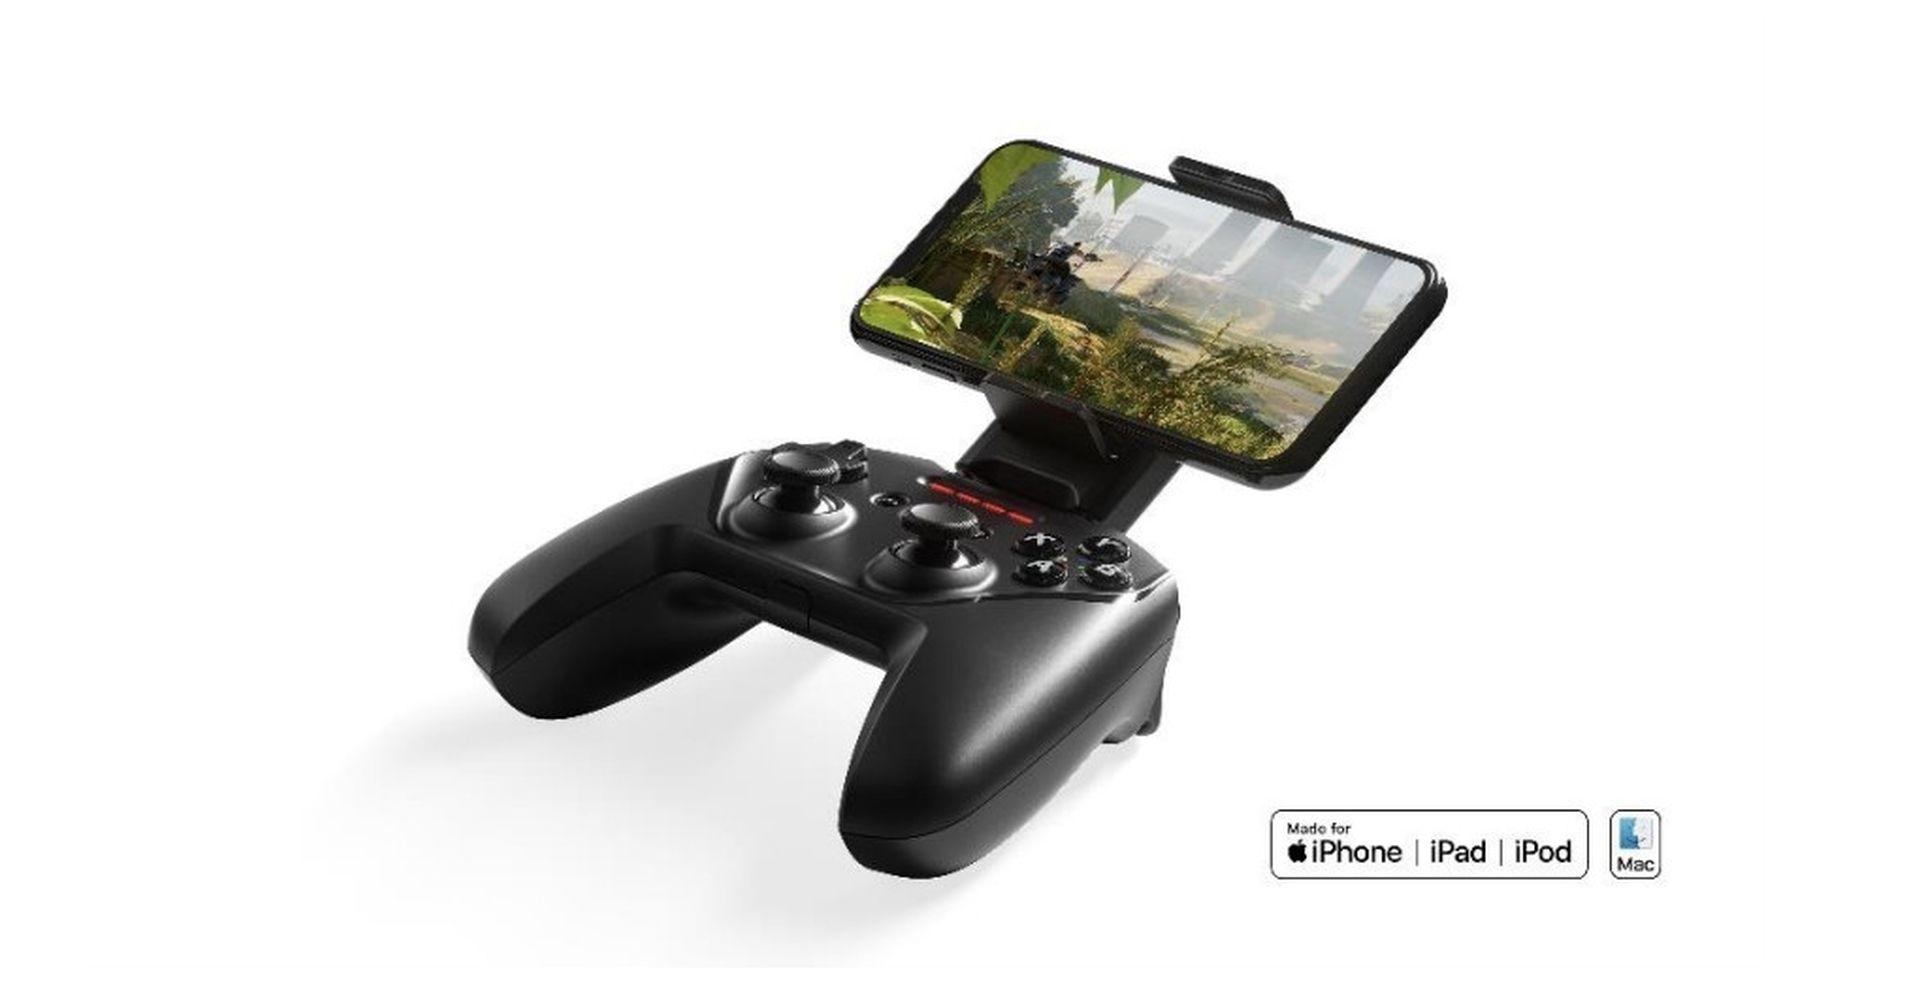 Premiera nowego kontrolera od SteelSeries dla urządzeń z iOS